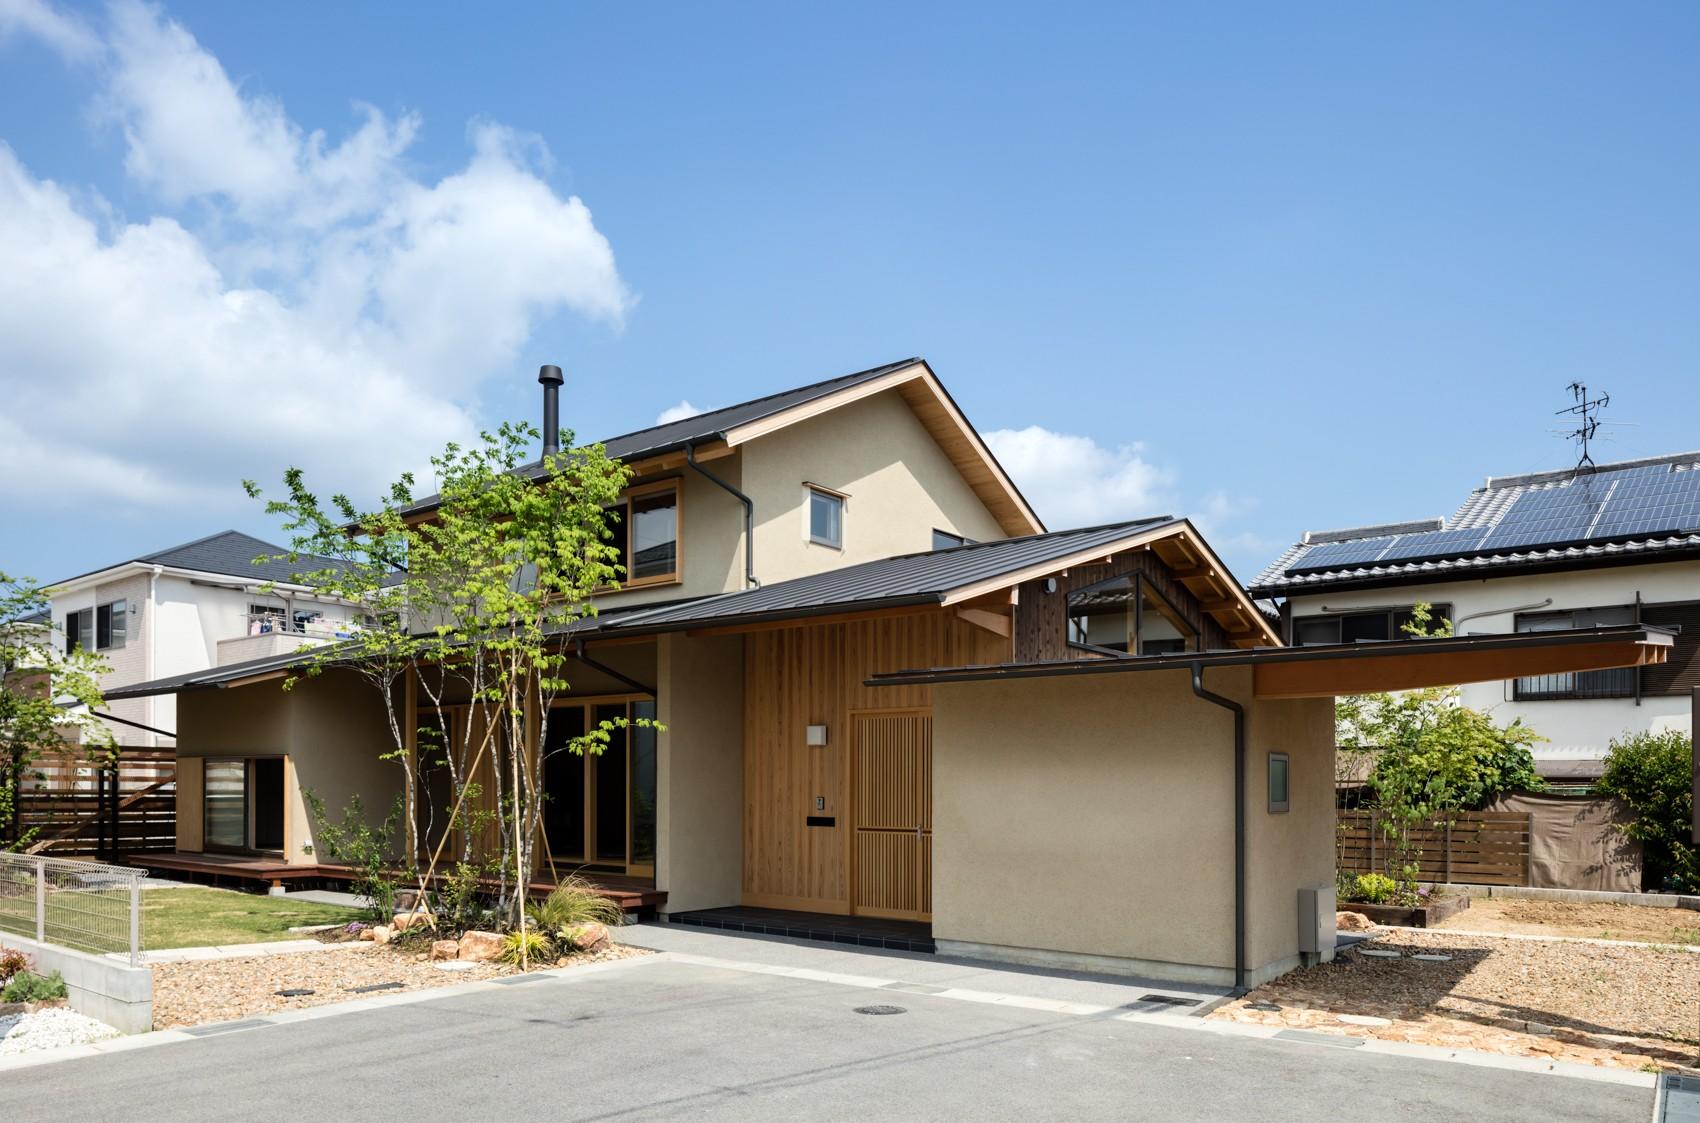 外観事例:山並みのように連なる屋根が印象的な外観(眺望とお庭を楽しむ|火のある暮らしを楽しむ住まい 天理の家)